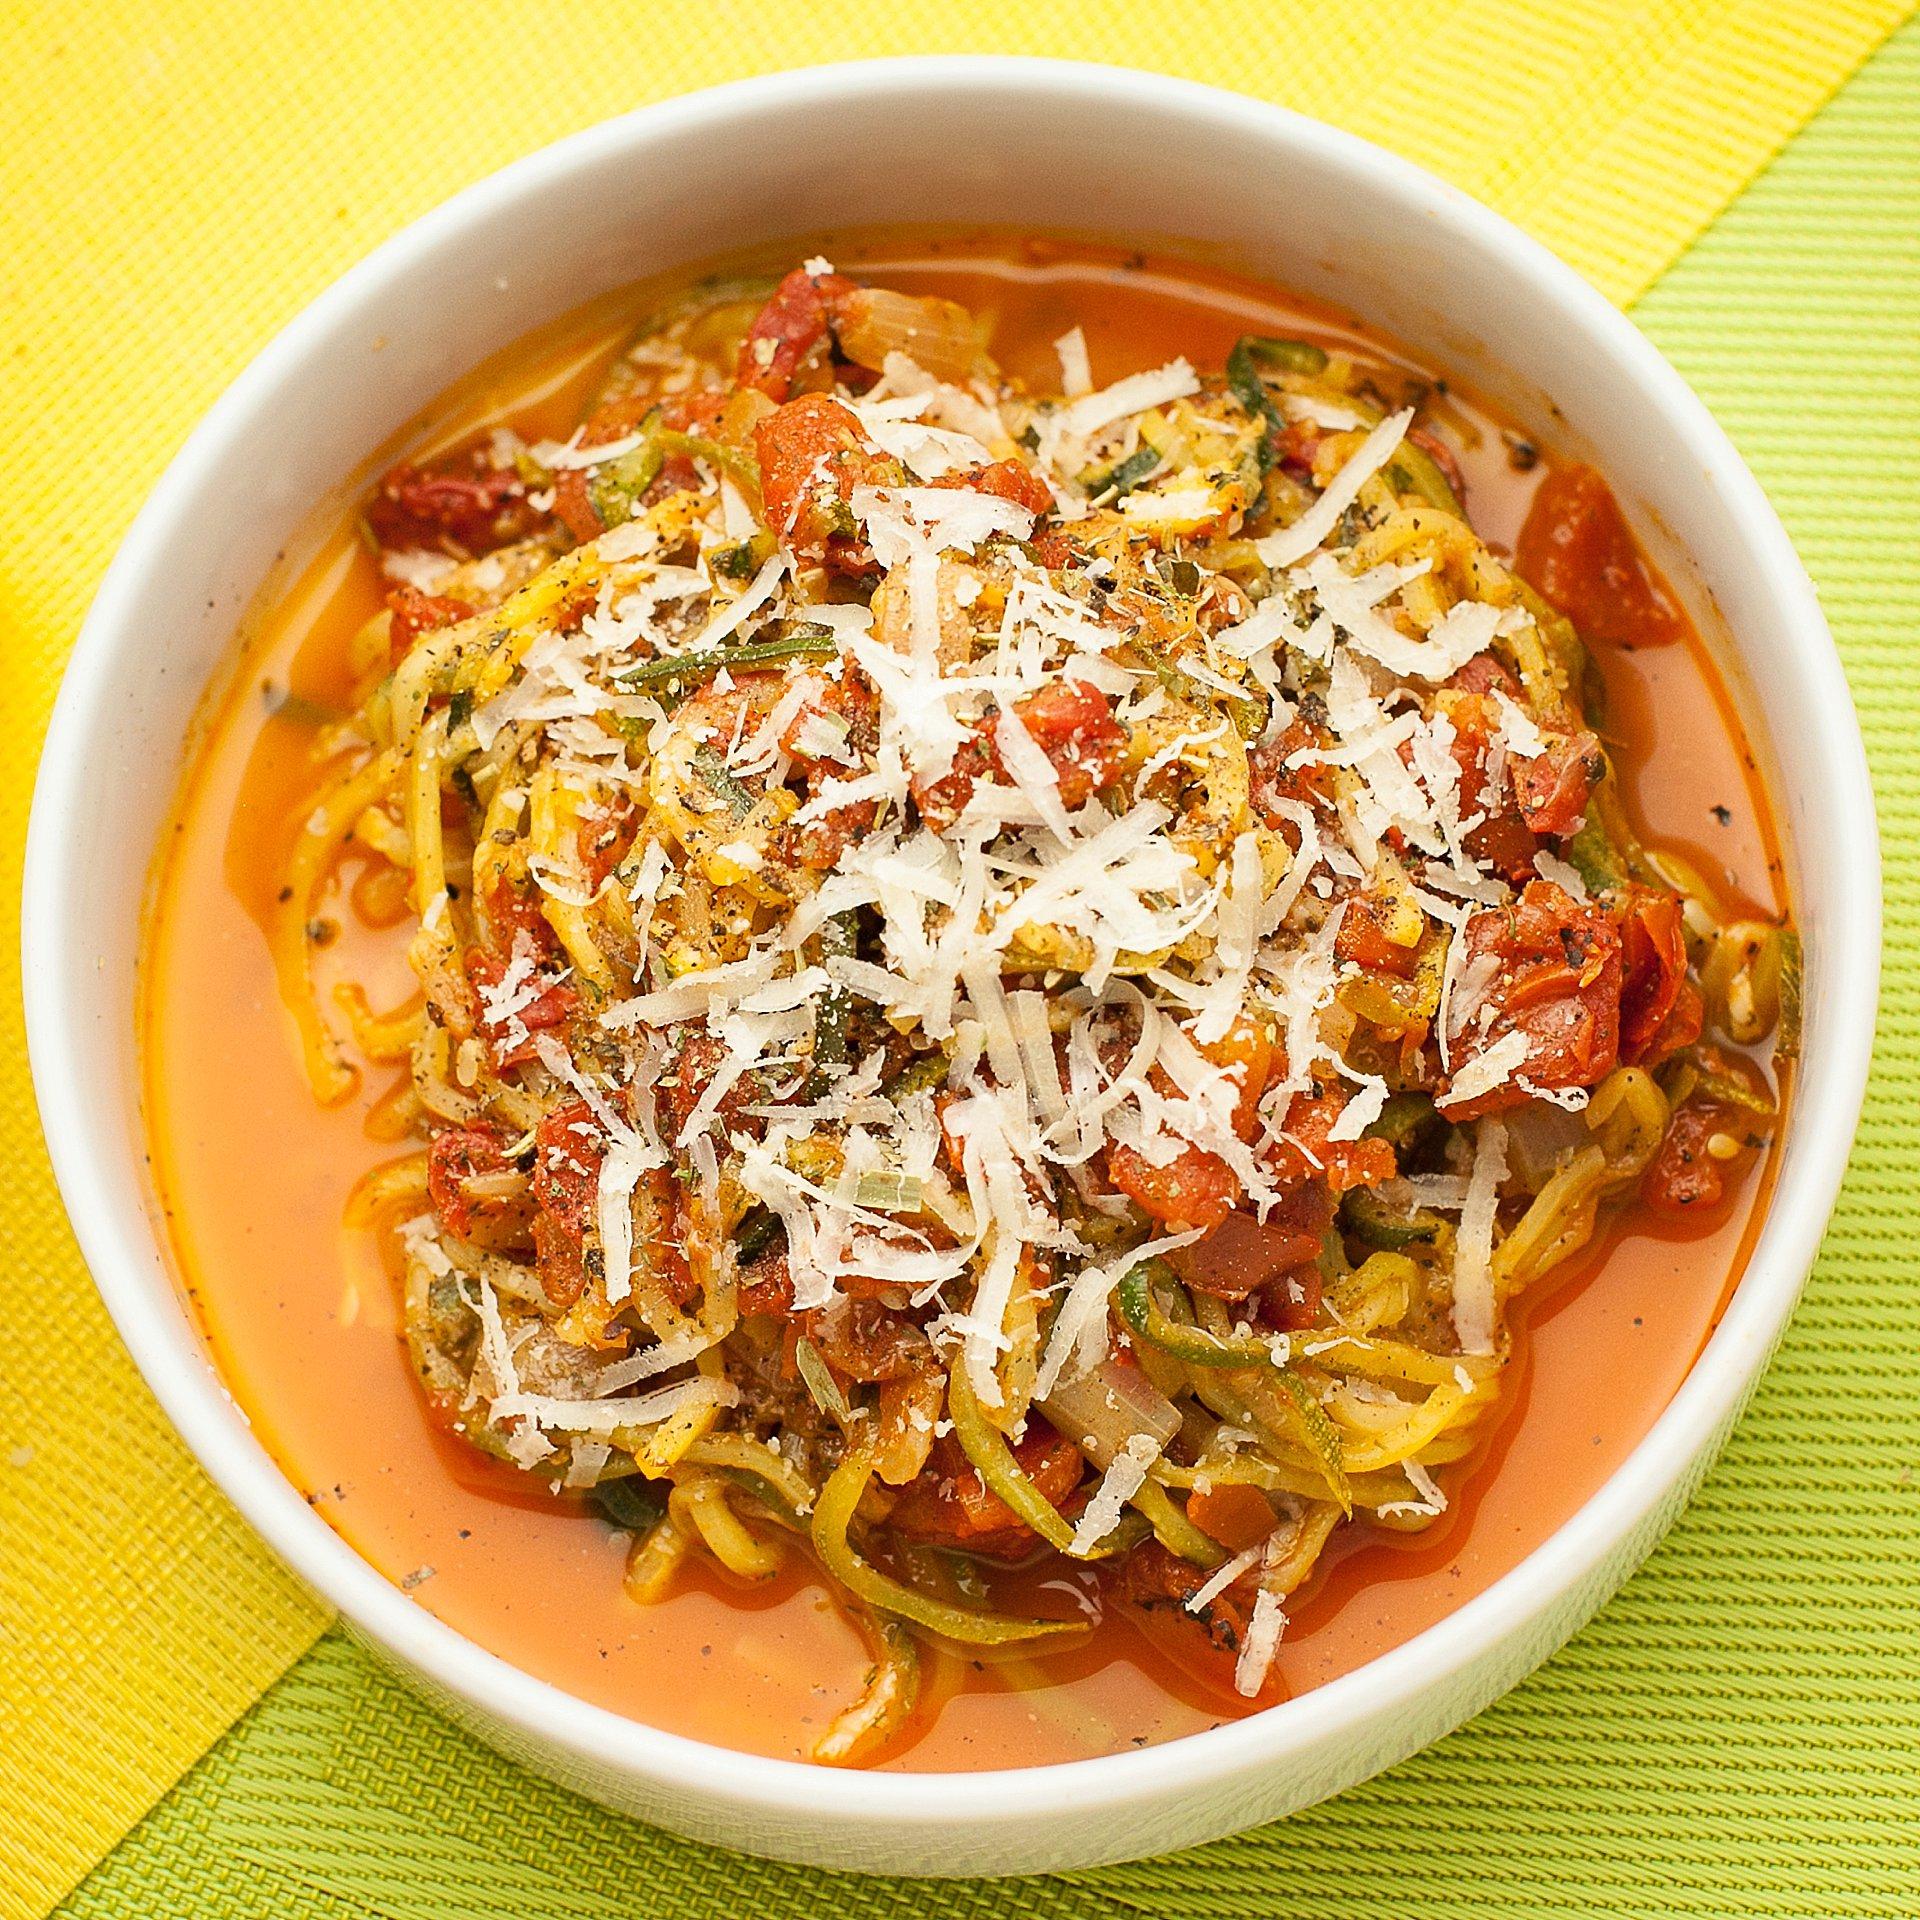 spiralizer spaghetti recipe for spaghetti from scratch